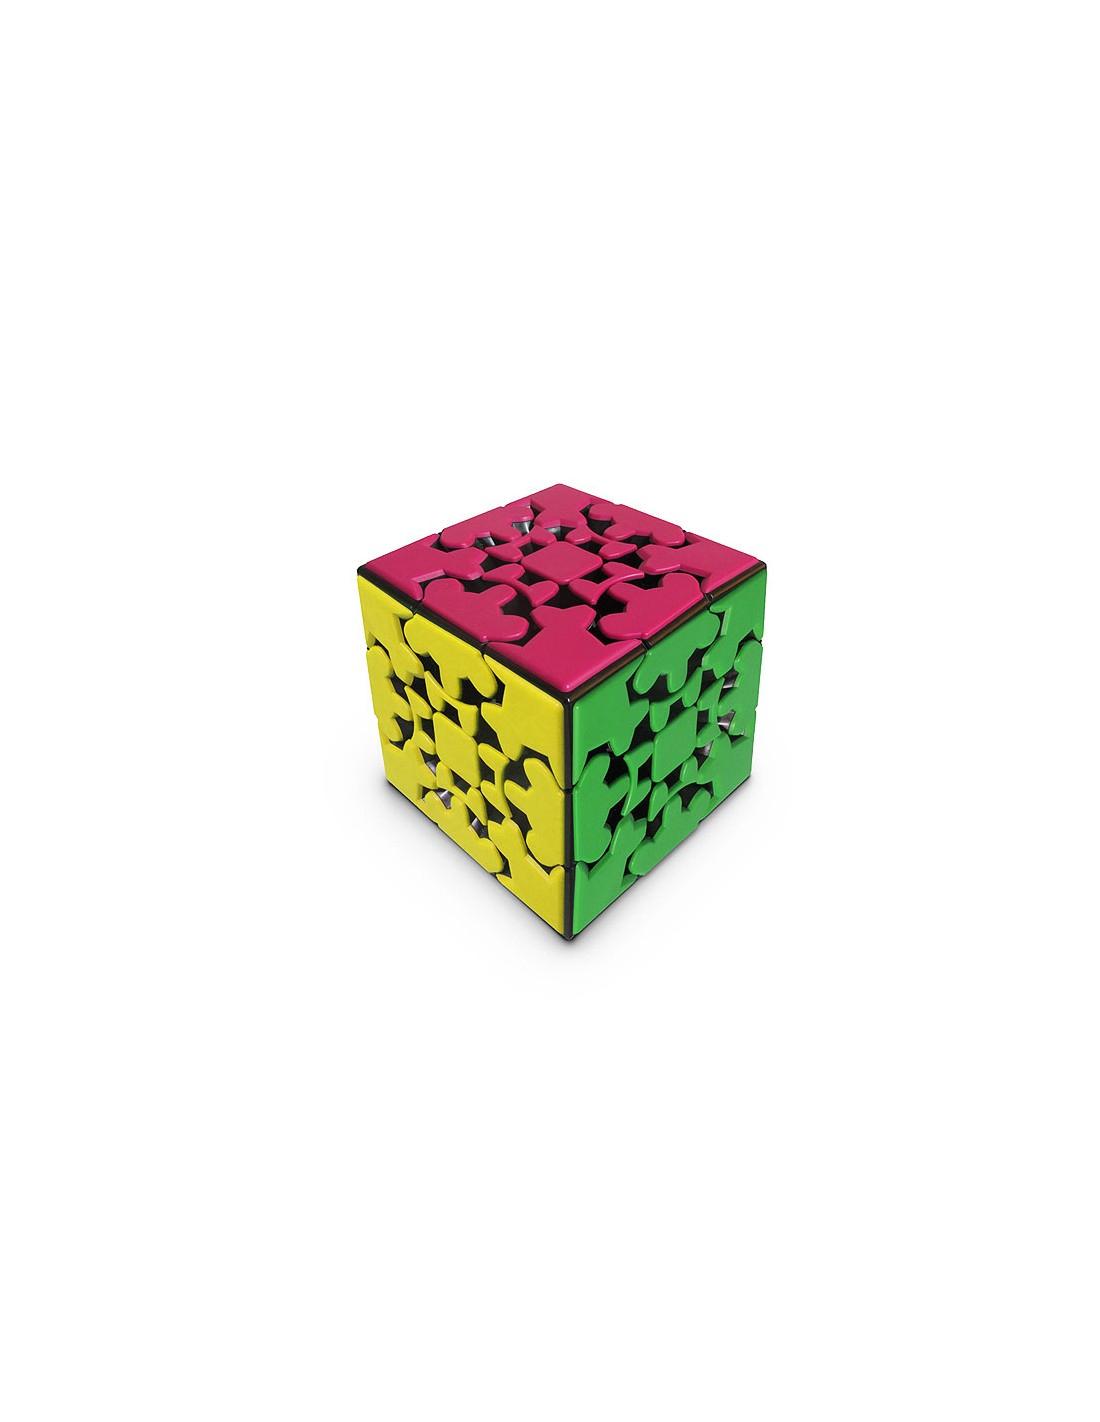 Casse-Tête Gear Cube Xxl Le Cube Grand Format, Douze Tours à 90 Degrés Jeux